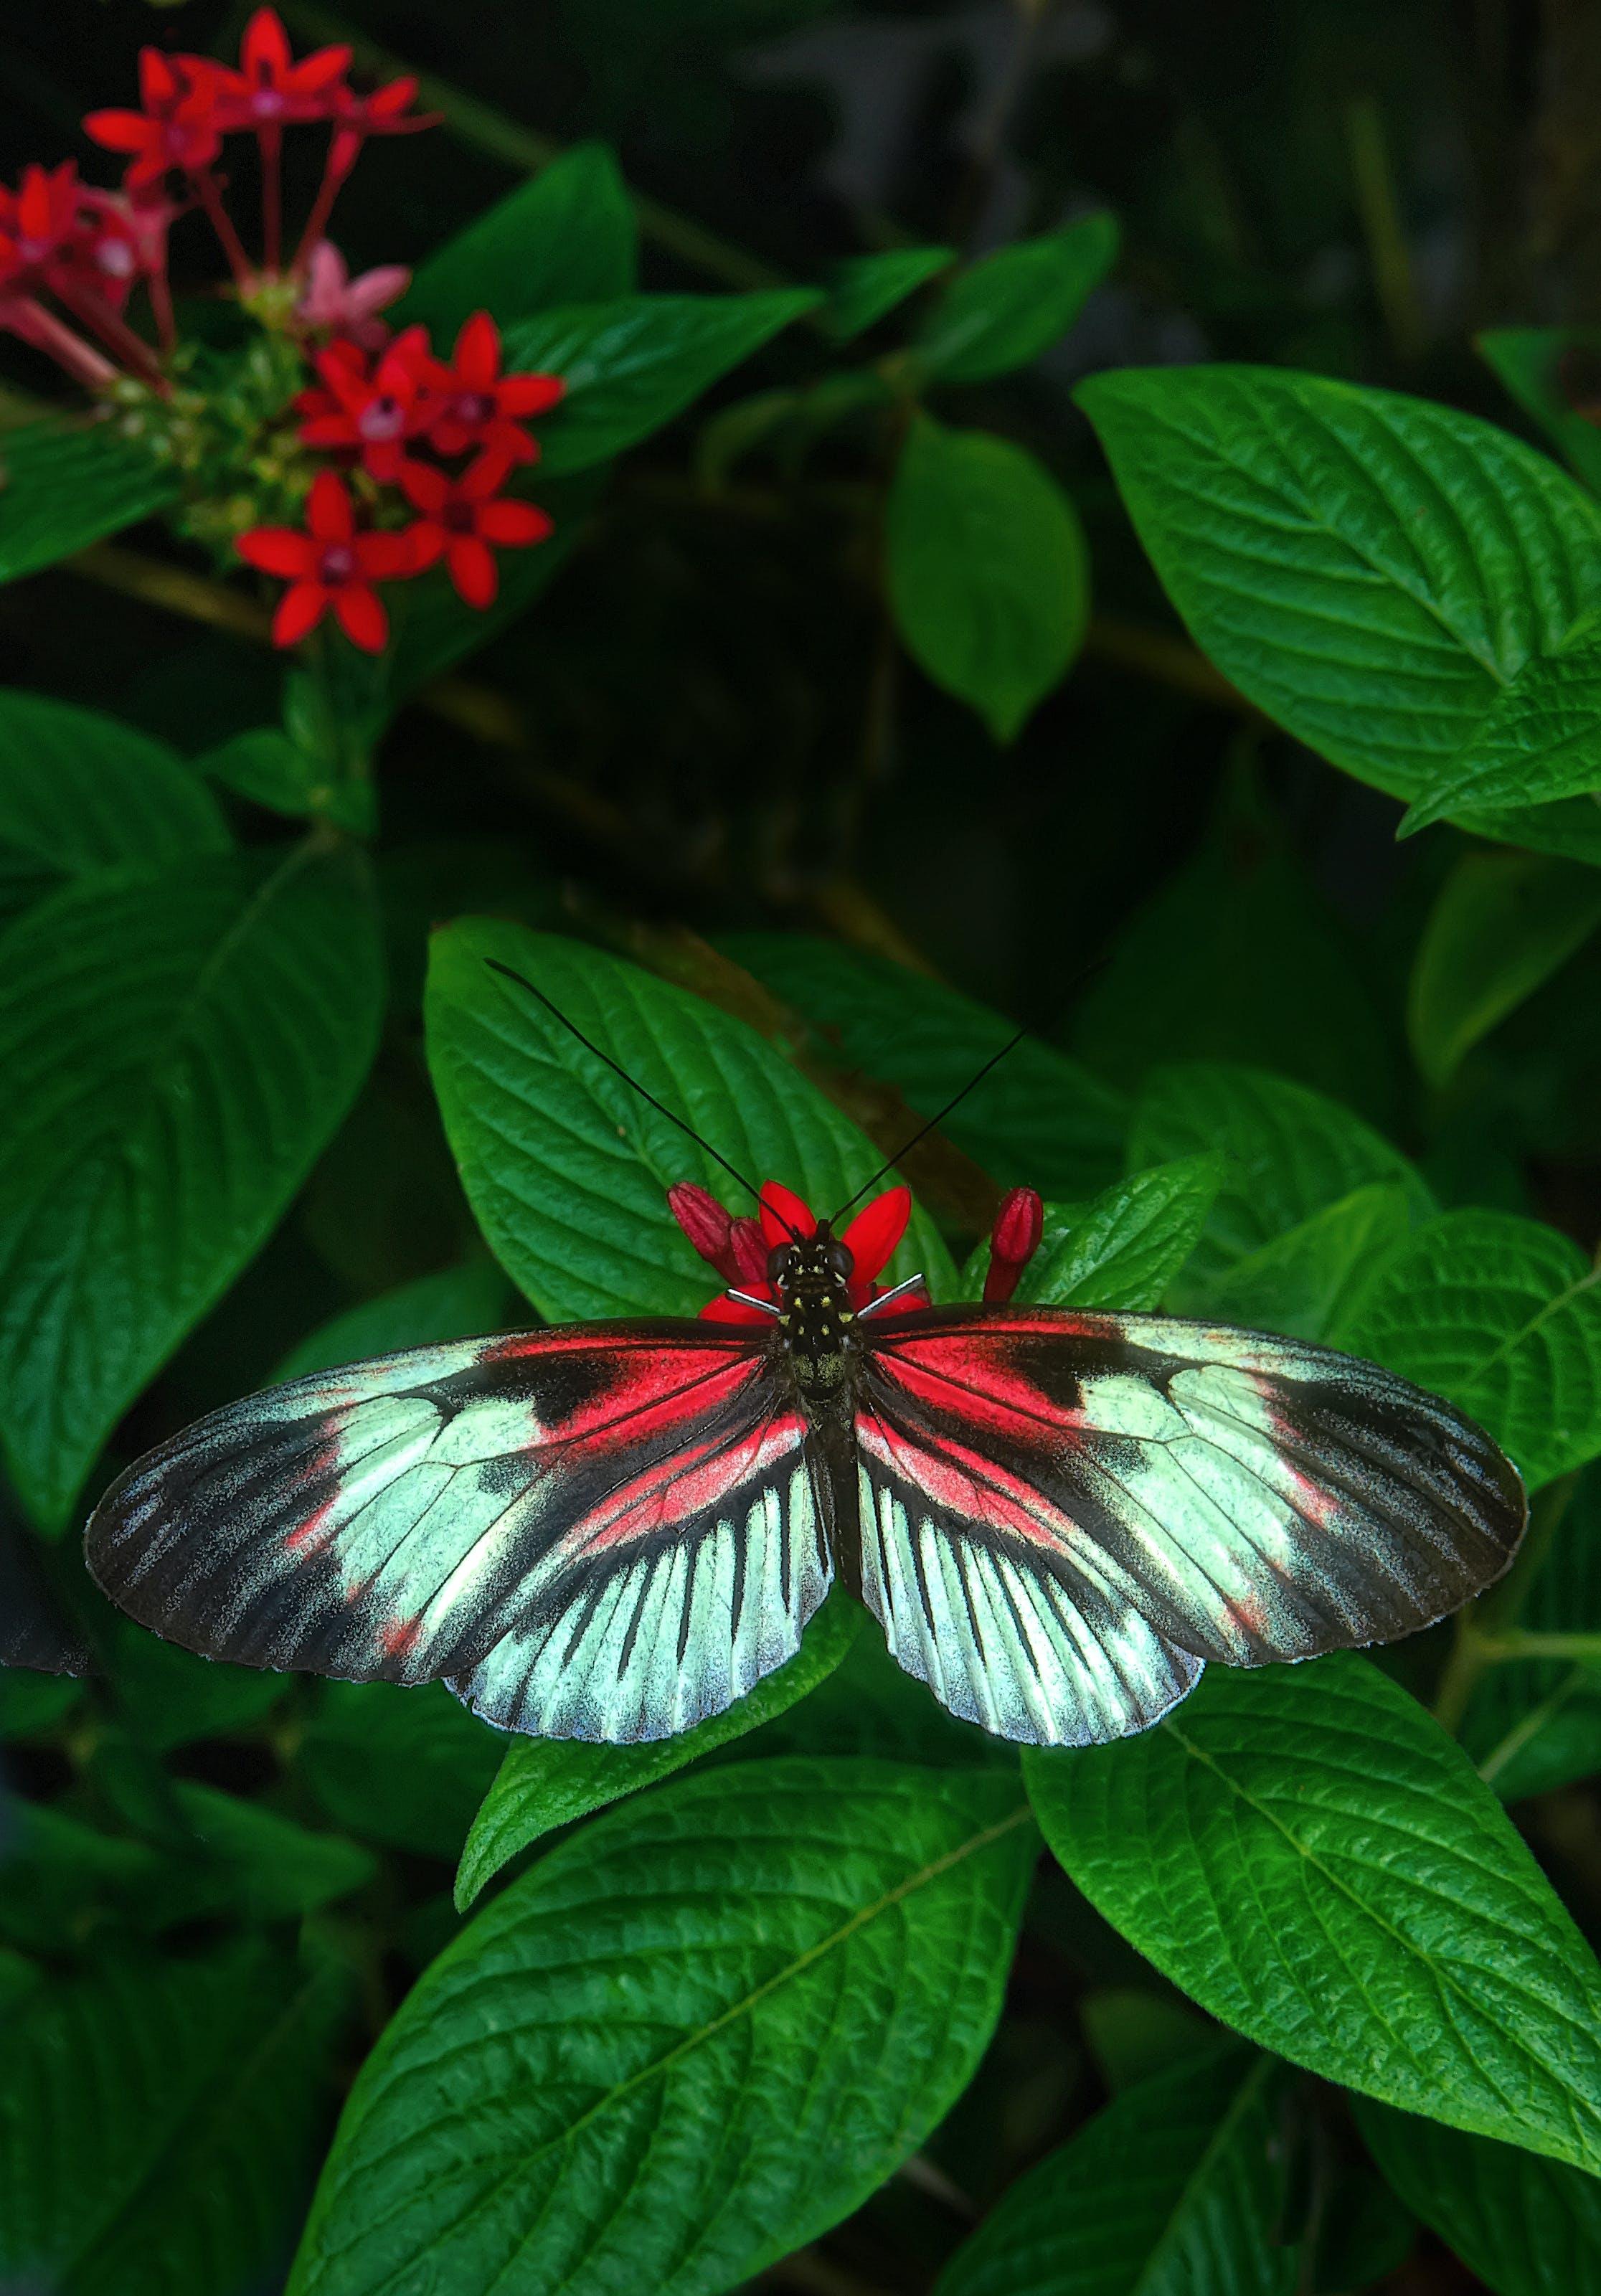 Gratis lagerfoto af blade, flora, have, insekt